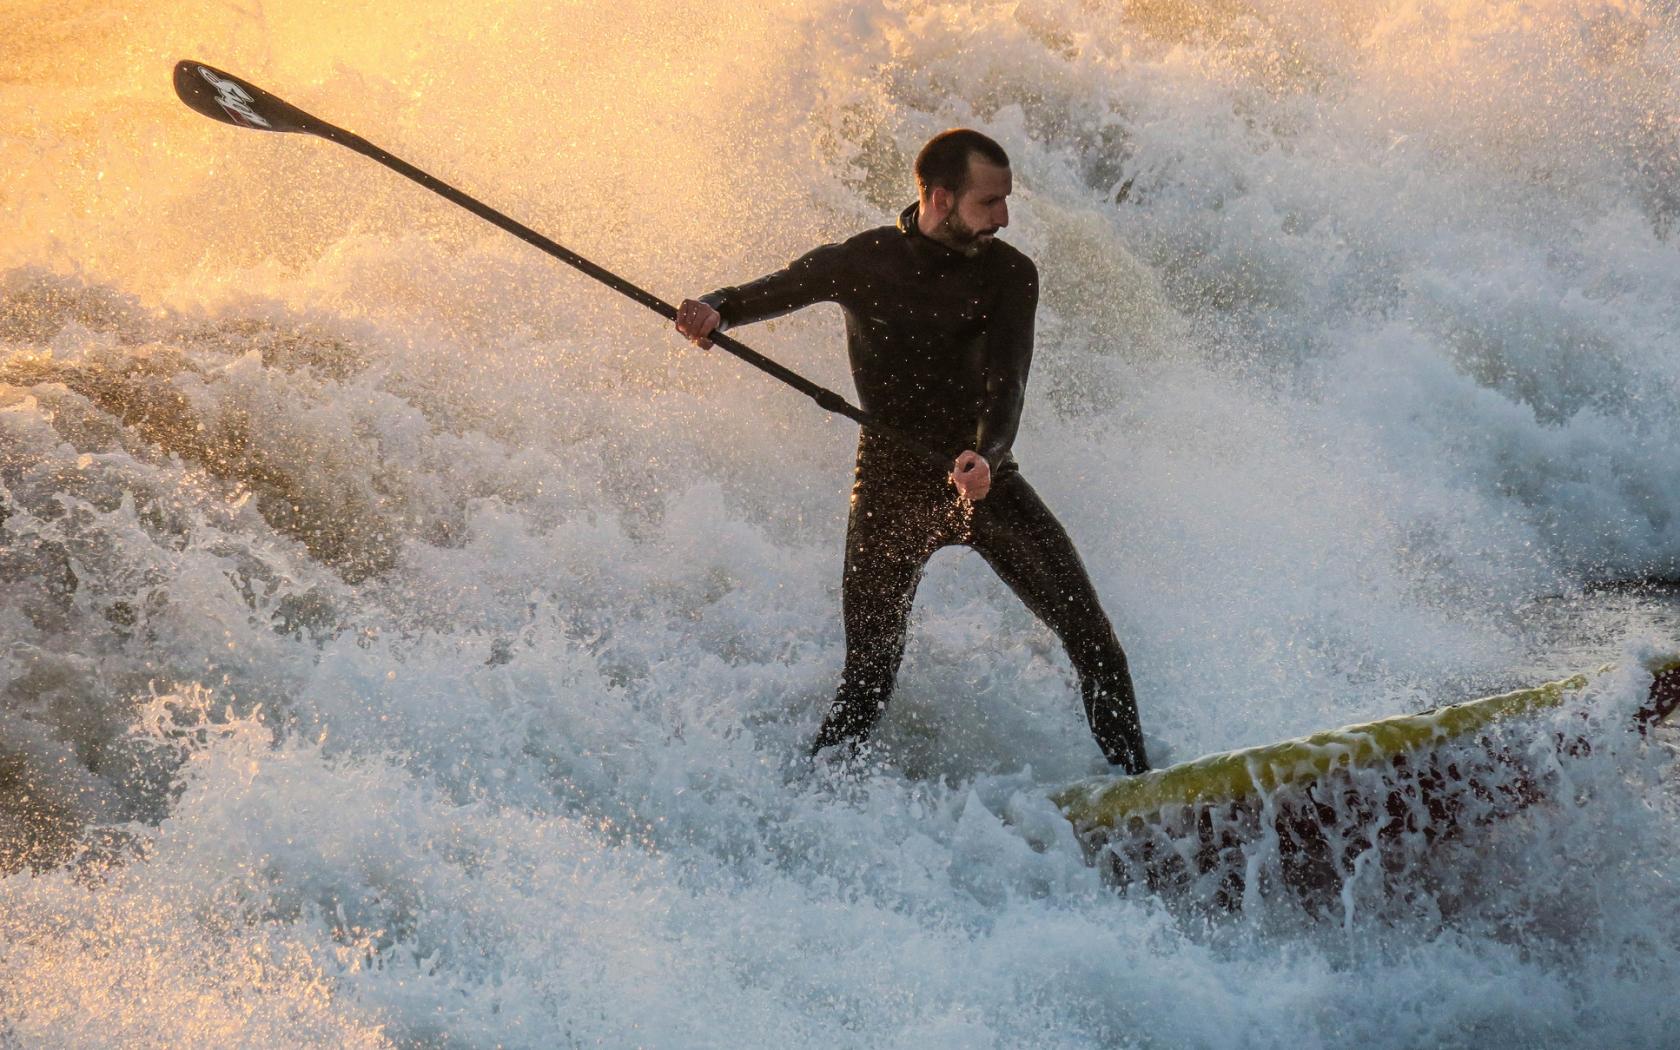 En las olas - 1680x1050